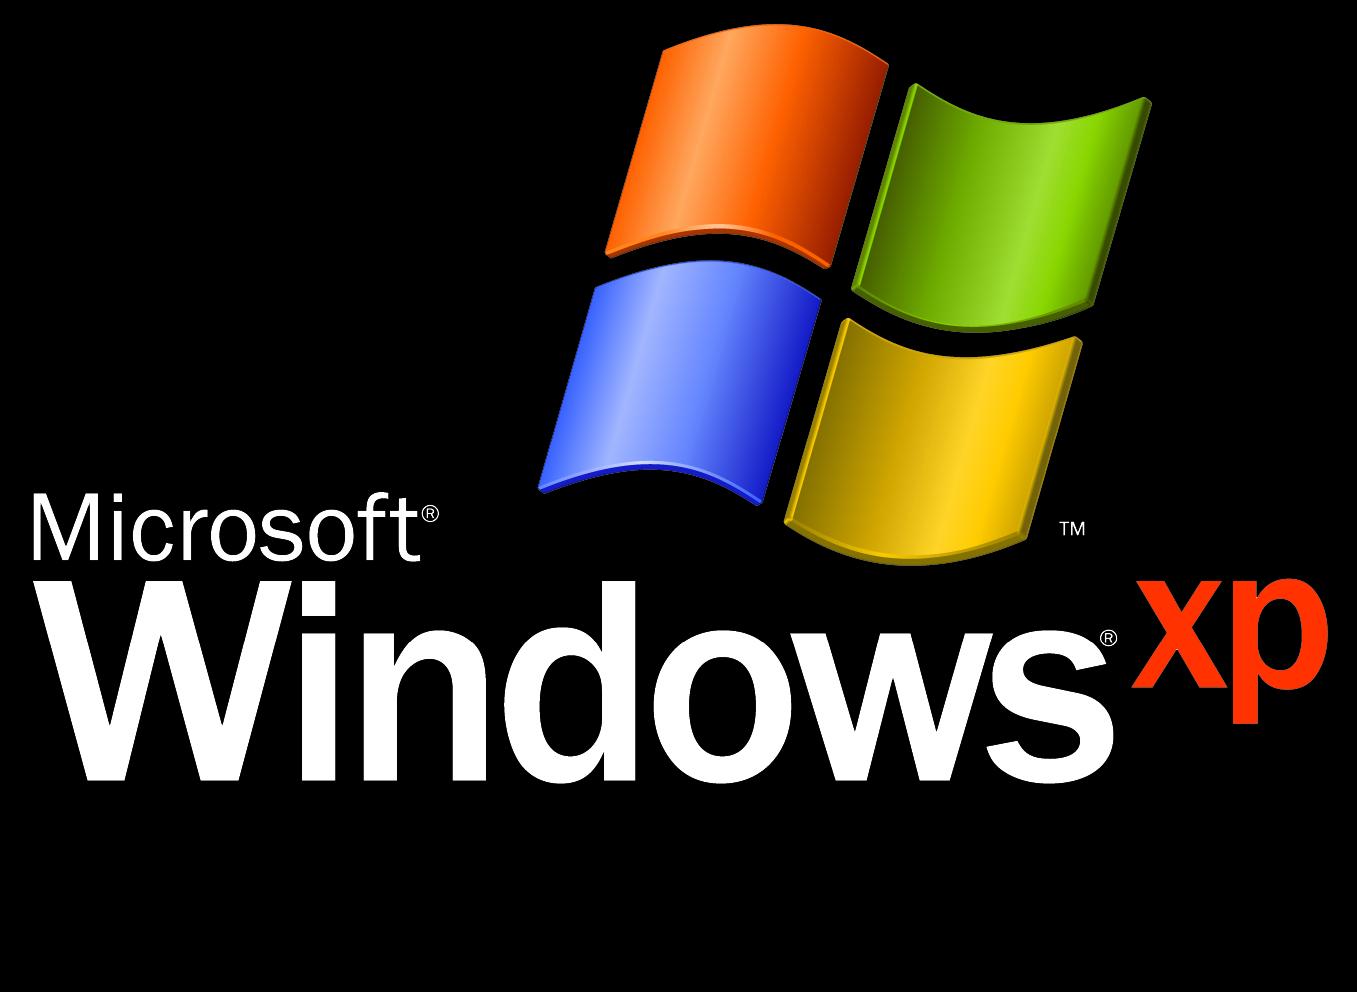 Windows XP logo 2 - Nintendofan12 3 Photo (37697471) - Fanpop